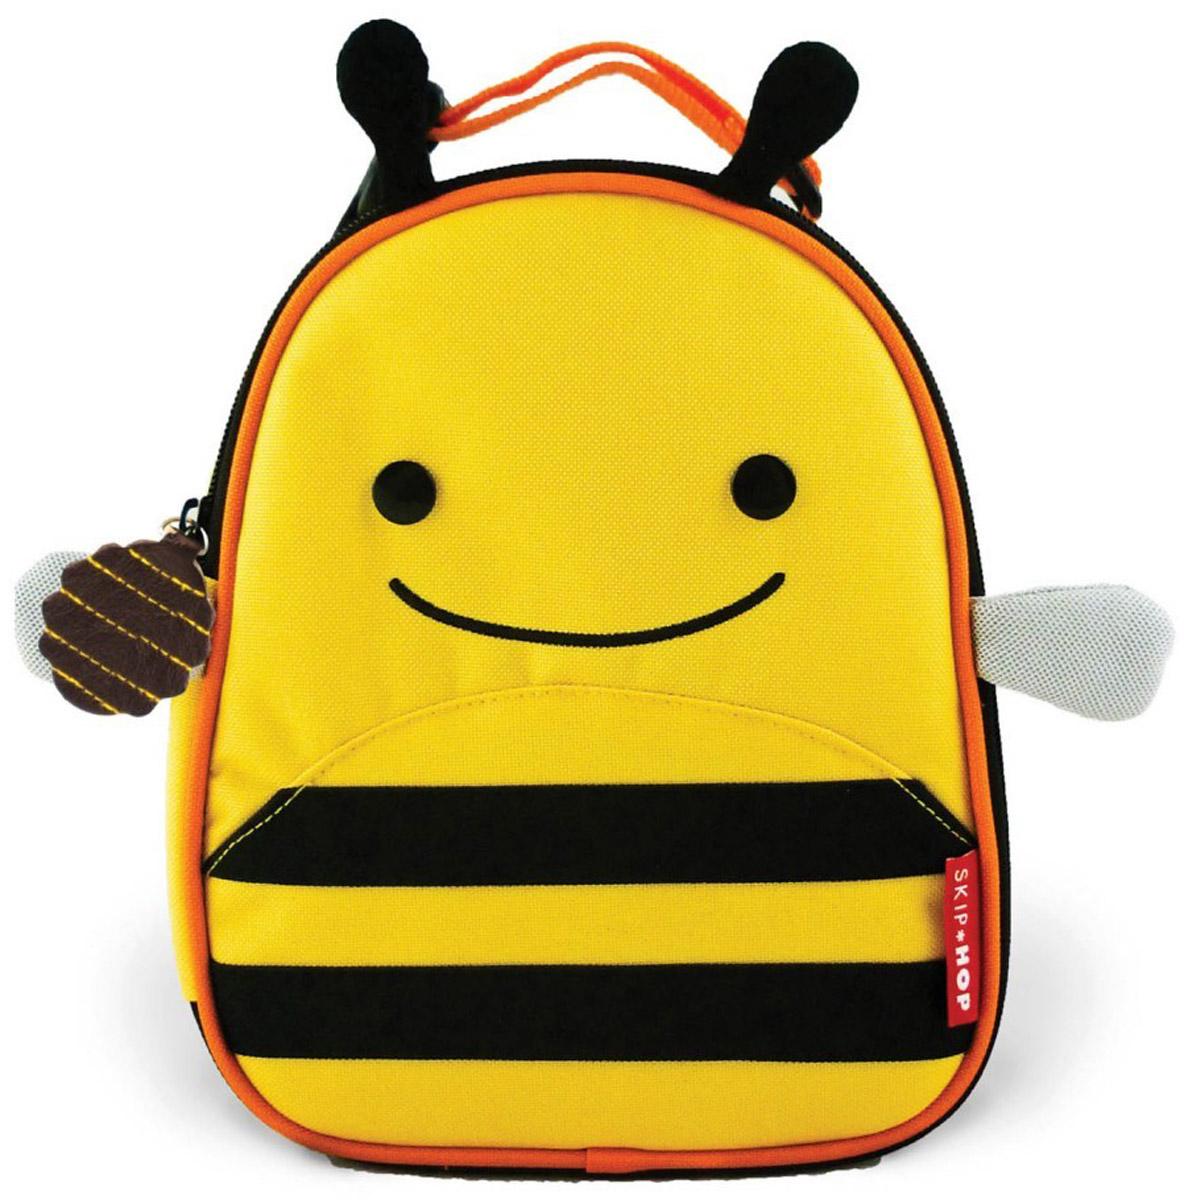 Skip Hop Сумка ланч-бокс детская ПчелкаSH 212105Превосходный ланч-бокс Skip Hop Пчелка отлично сохранит свежесть и вкус продуктов для вашего ребёнка. Сумка с одним отделением изготовлена из прочного текстиля. Лицевая сторона декорирована изображением улыбающейся пчелки с крылышками и торчащими усиками-рожками. Внутренняя поверхность отделана термоизоляционным материалом, благодаря которому продукты дольше остаются свежими. Изделие закрывается на пластиковую застежку-молнию с удобным держателем на бегунке. Внутри имеется сетчатый карман для хранения аксессуаров и текстильная нашивка для записи имени владельца сумки. Ланч-бокс дополнен удобной текстильной ручкой с регулируемой длиной и пластиковым карабином. Такая сумка ланч-бокс пригодится везде: на прогулке, во время учебы, на отдыхе, во время путешествий.